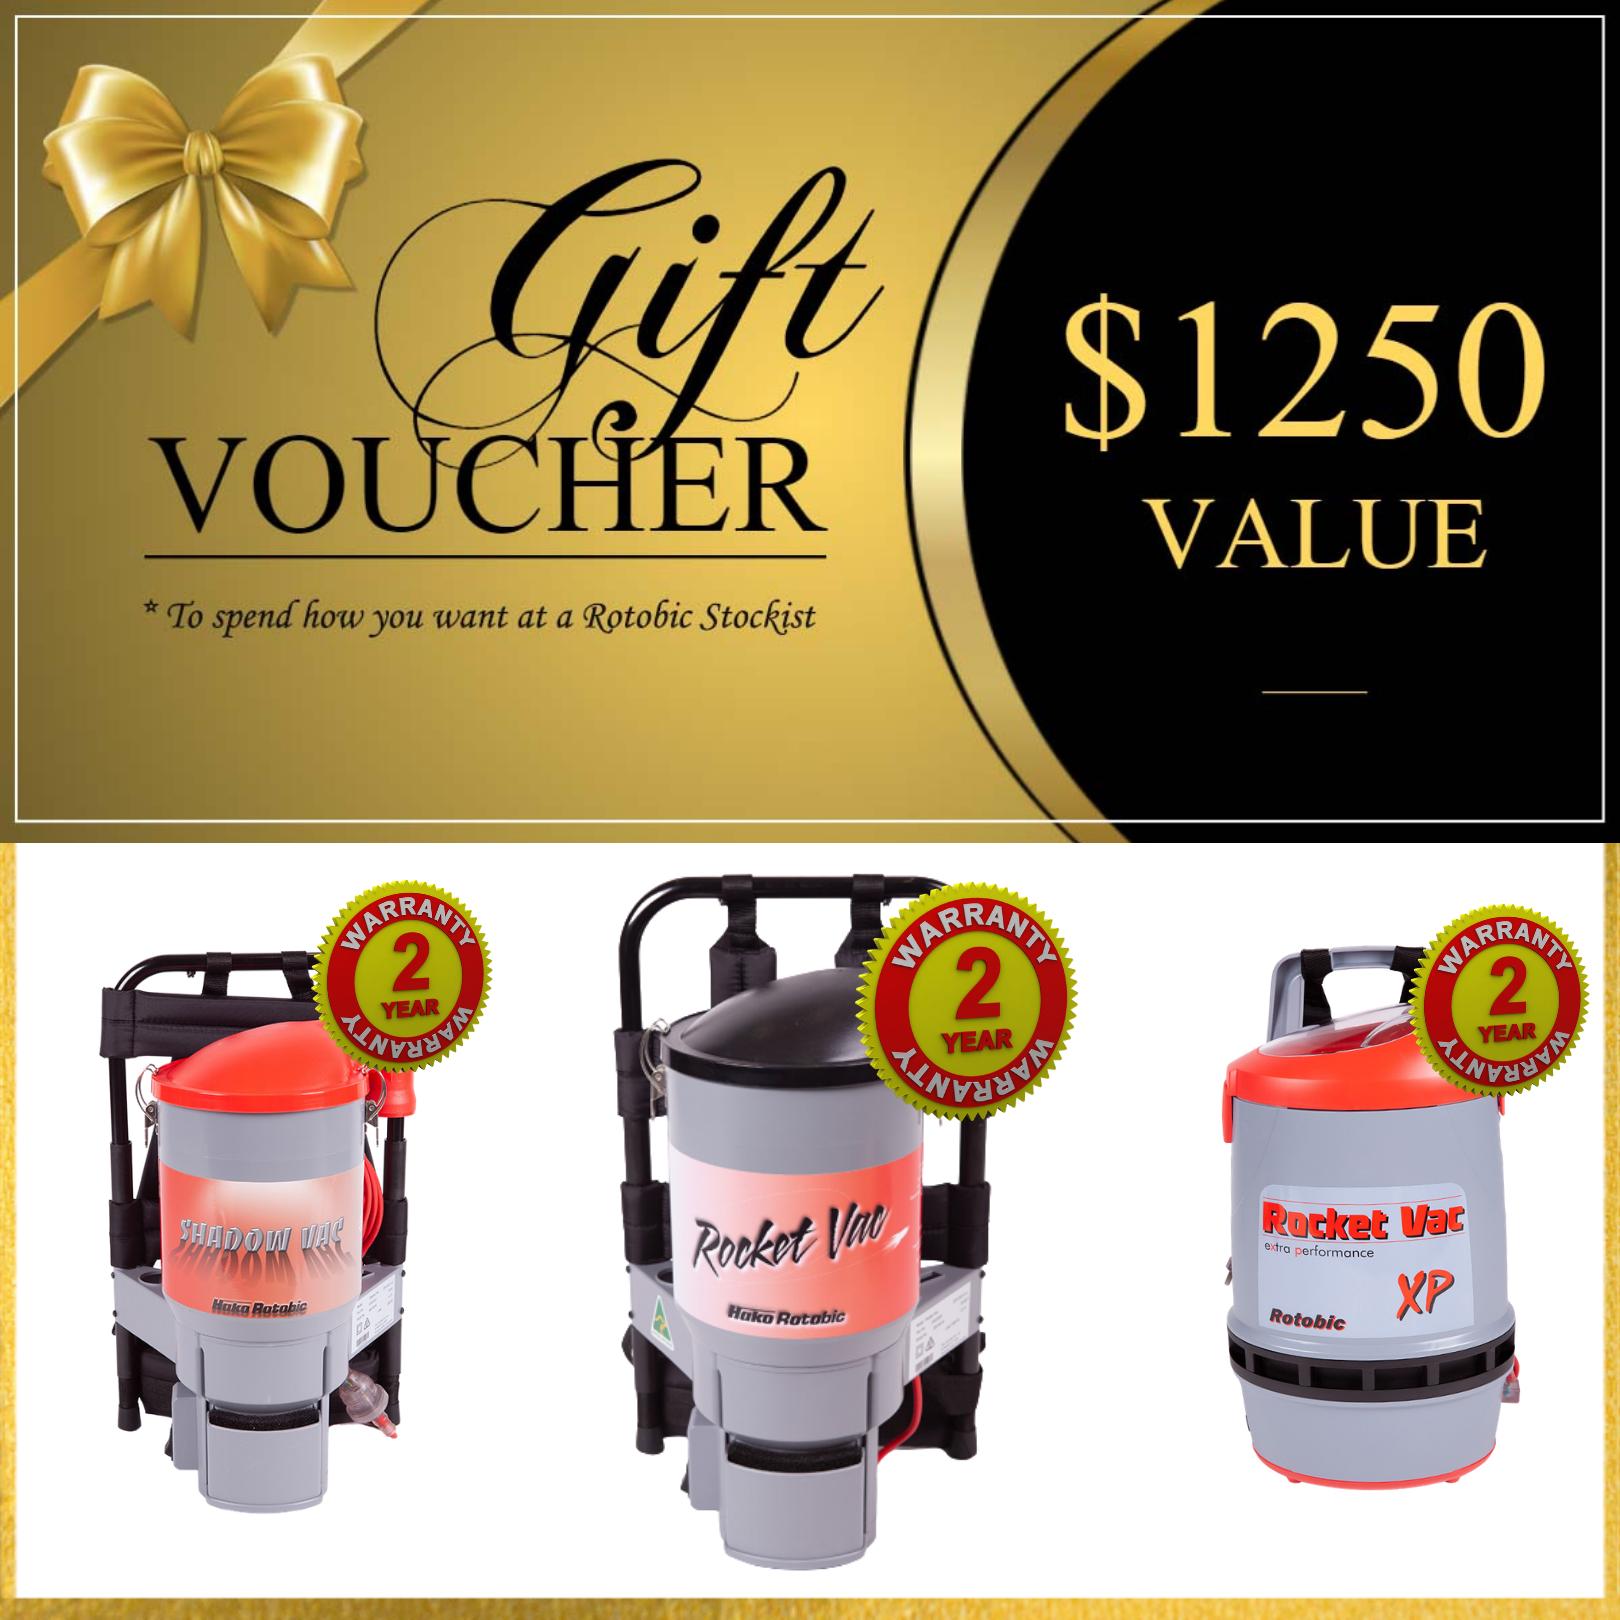 Gift voucher 2 year warranty IG post